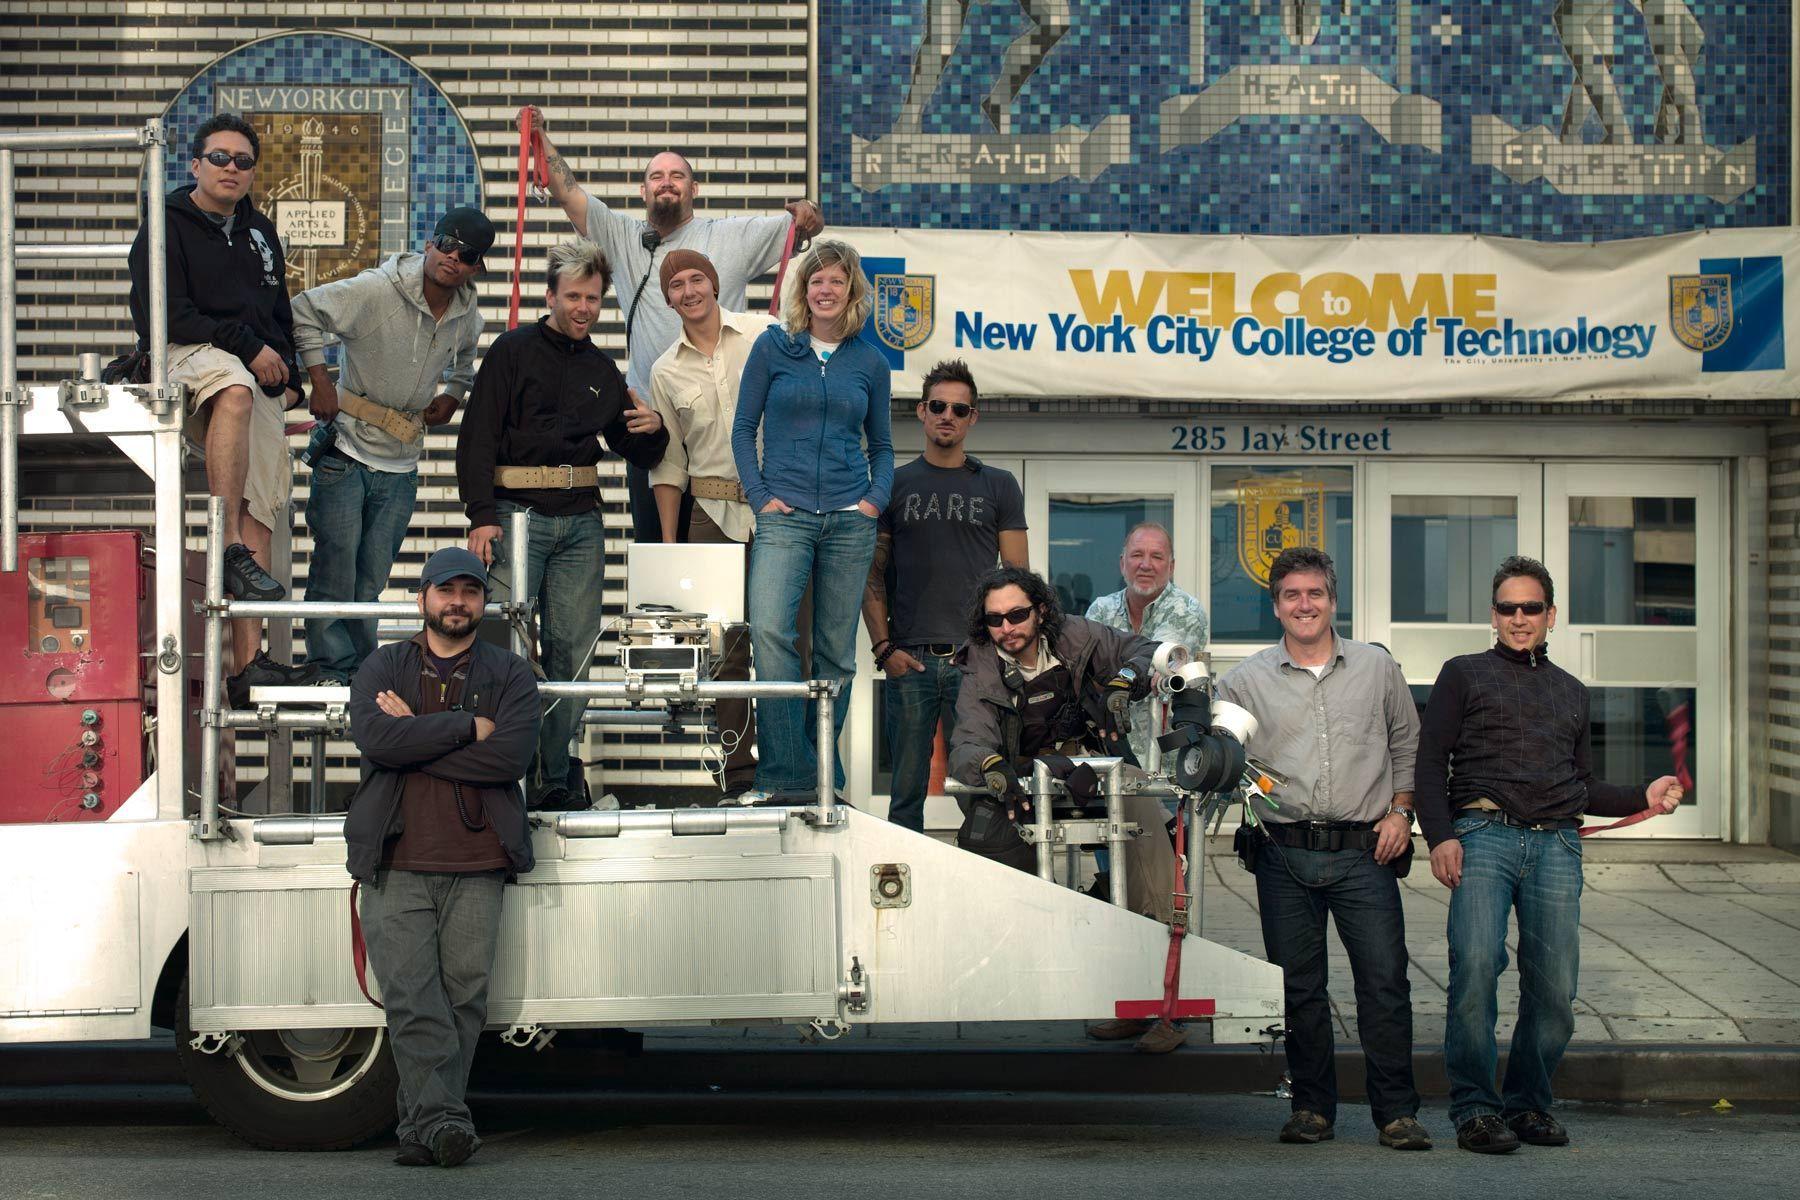 Team VW/Smithson/Crispin Porter Bugusky.